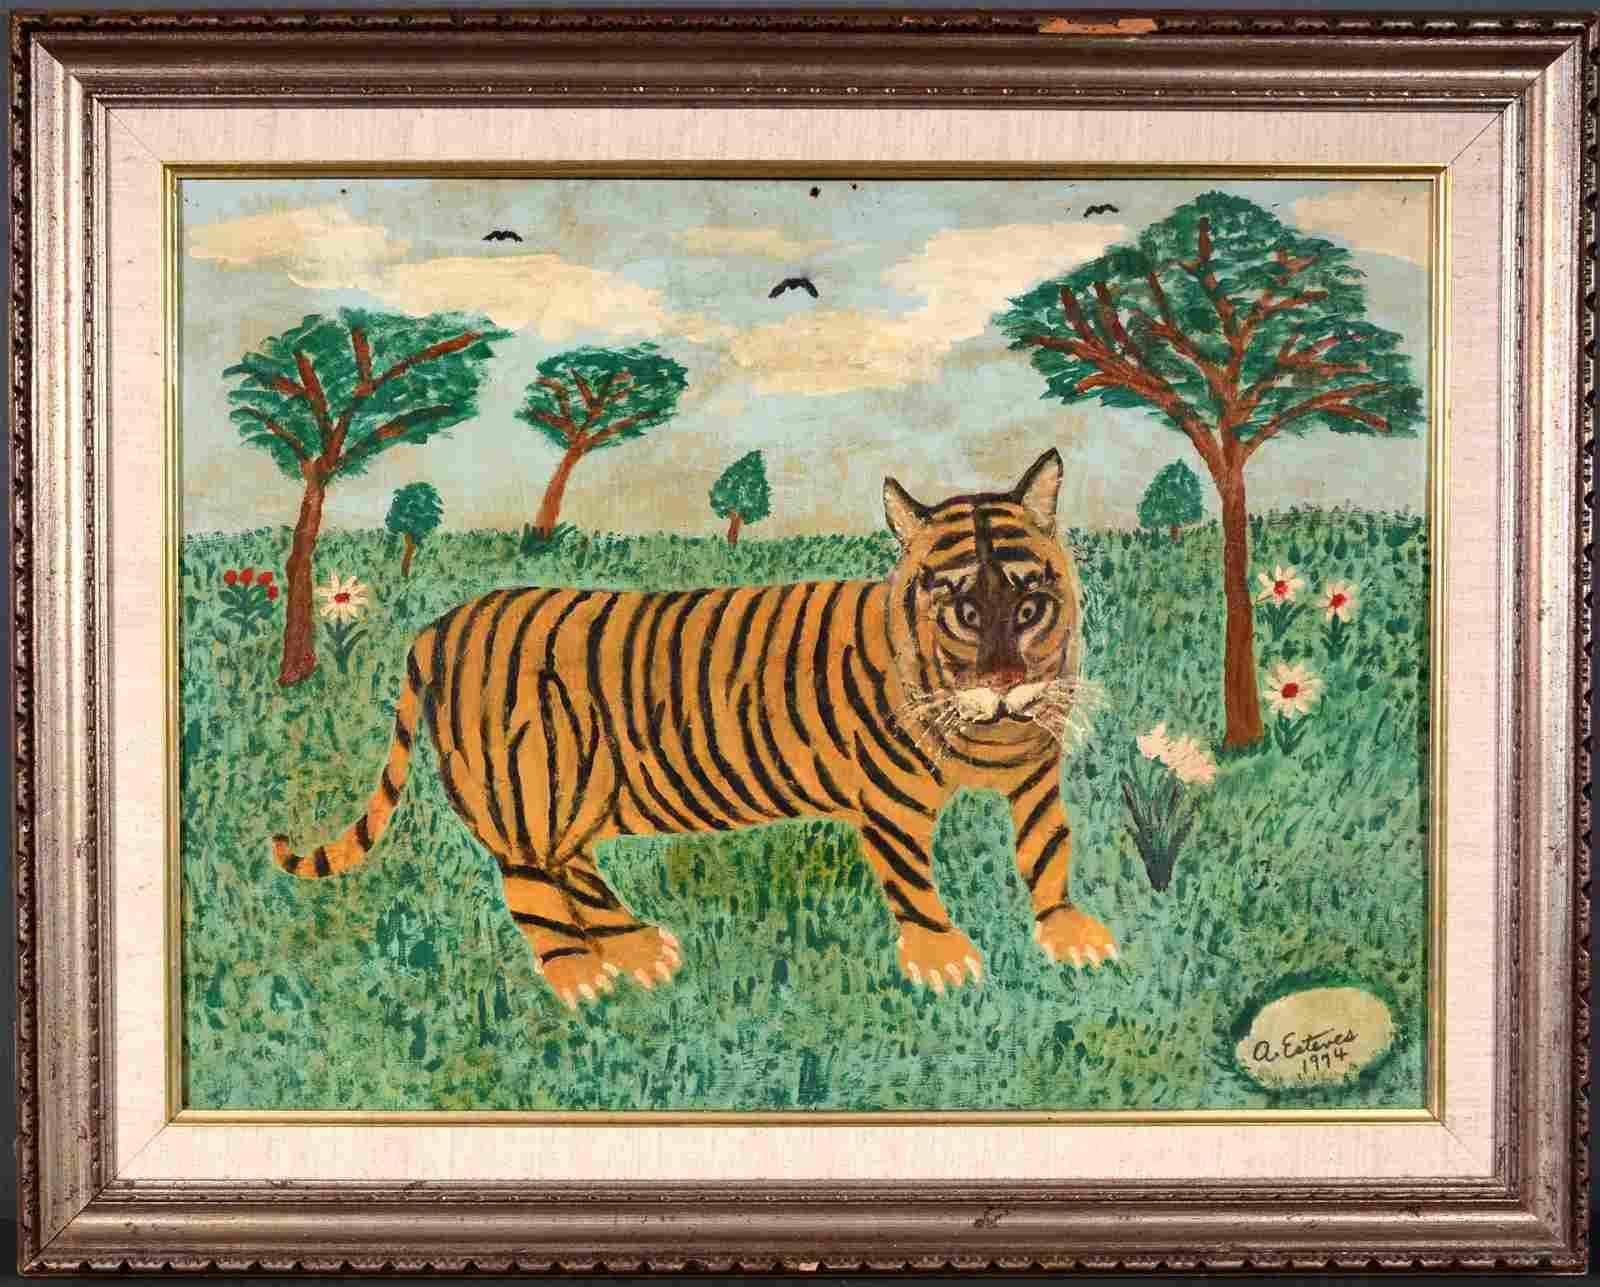 Antonio Esteves. Tiger In The Grass.